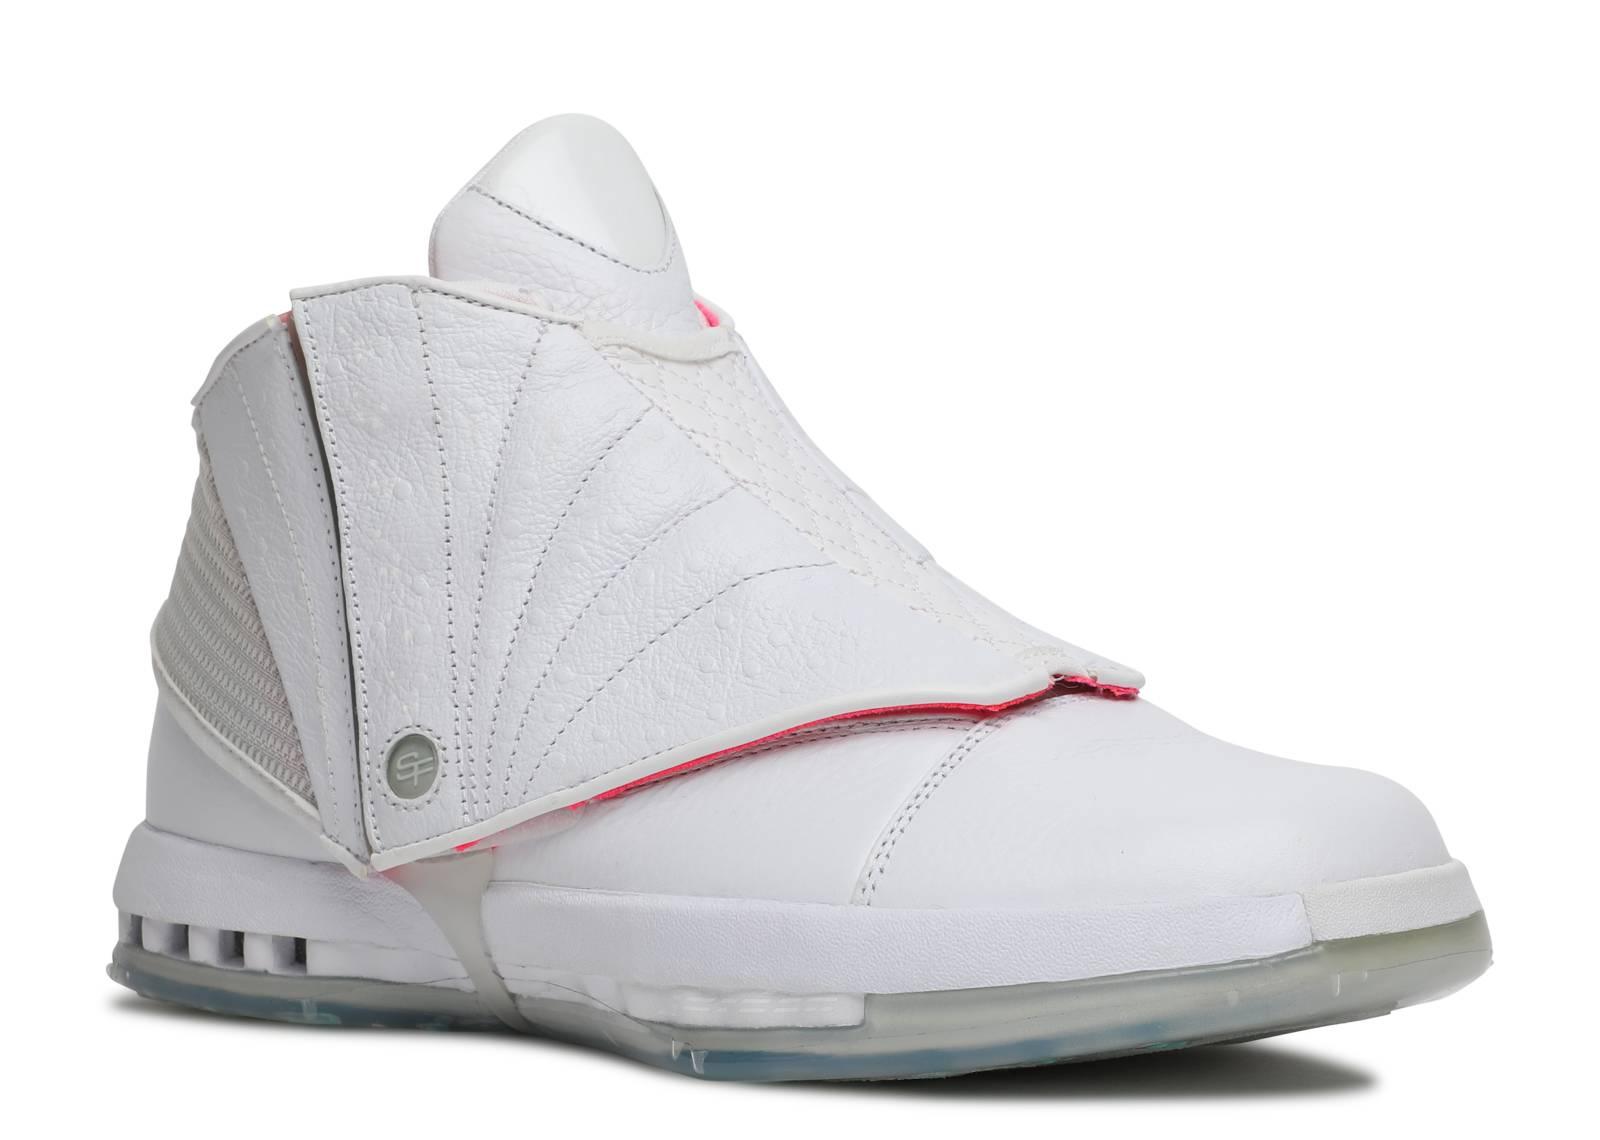 77ff86a83b5c Air Jordan 16 Retro Solefly